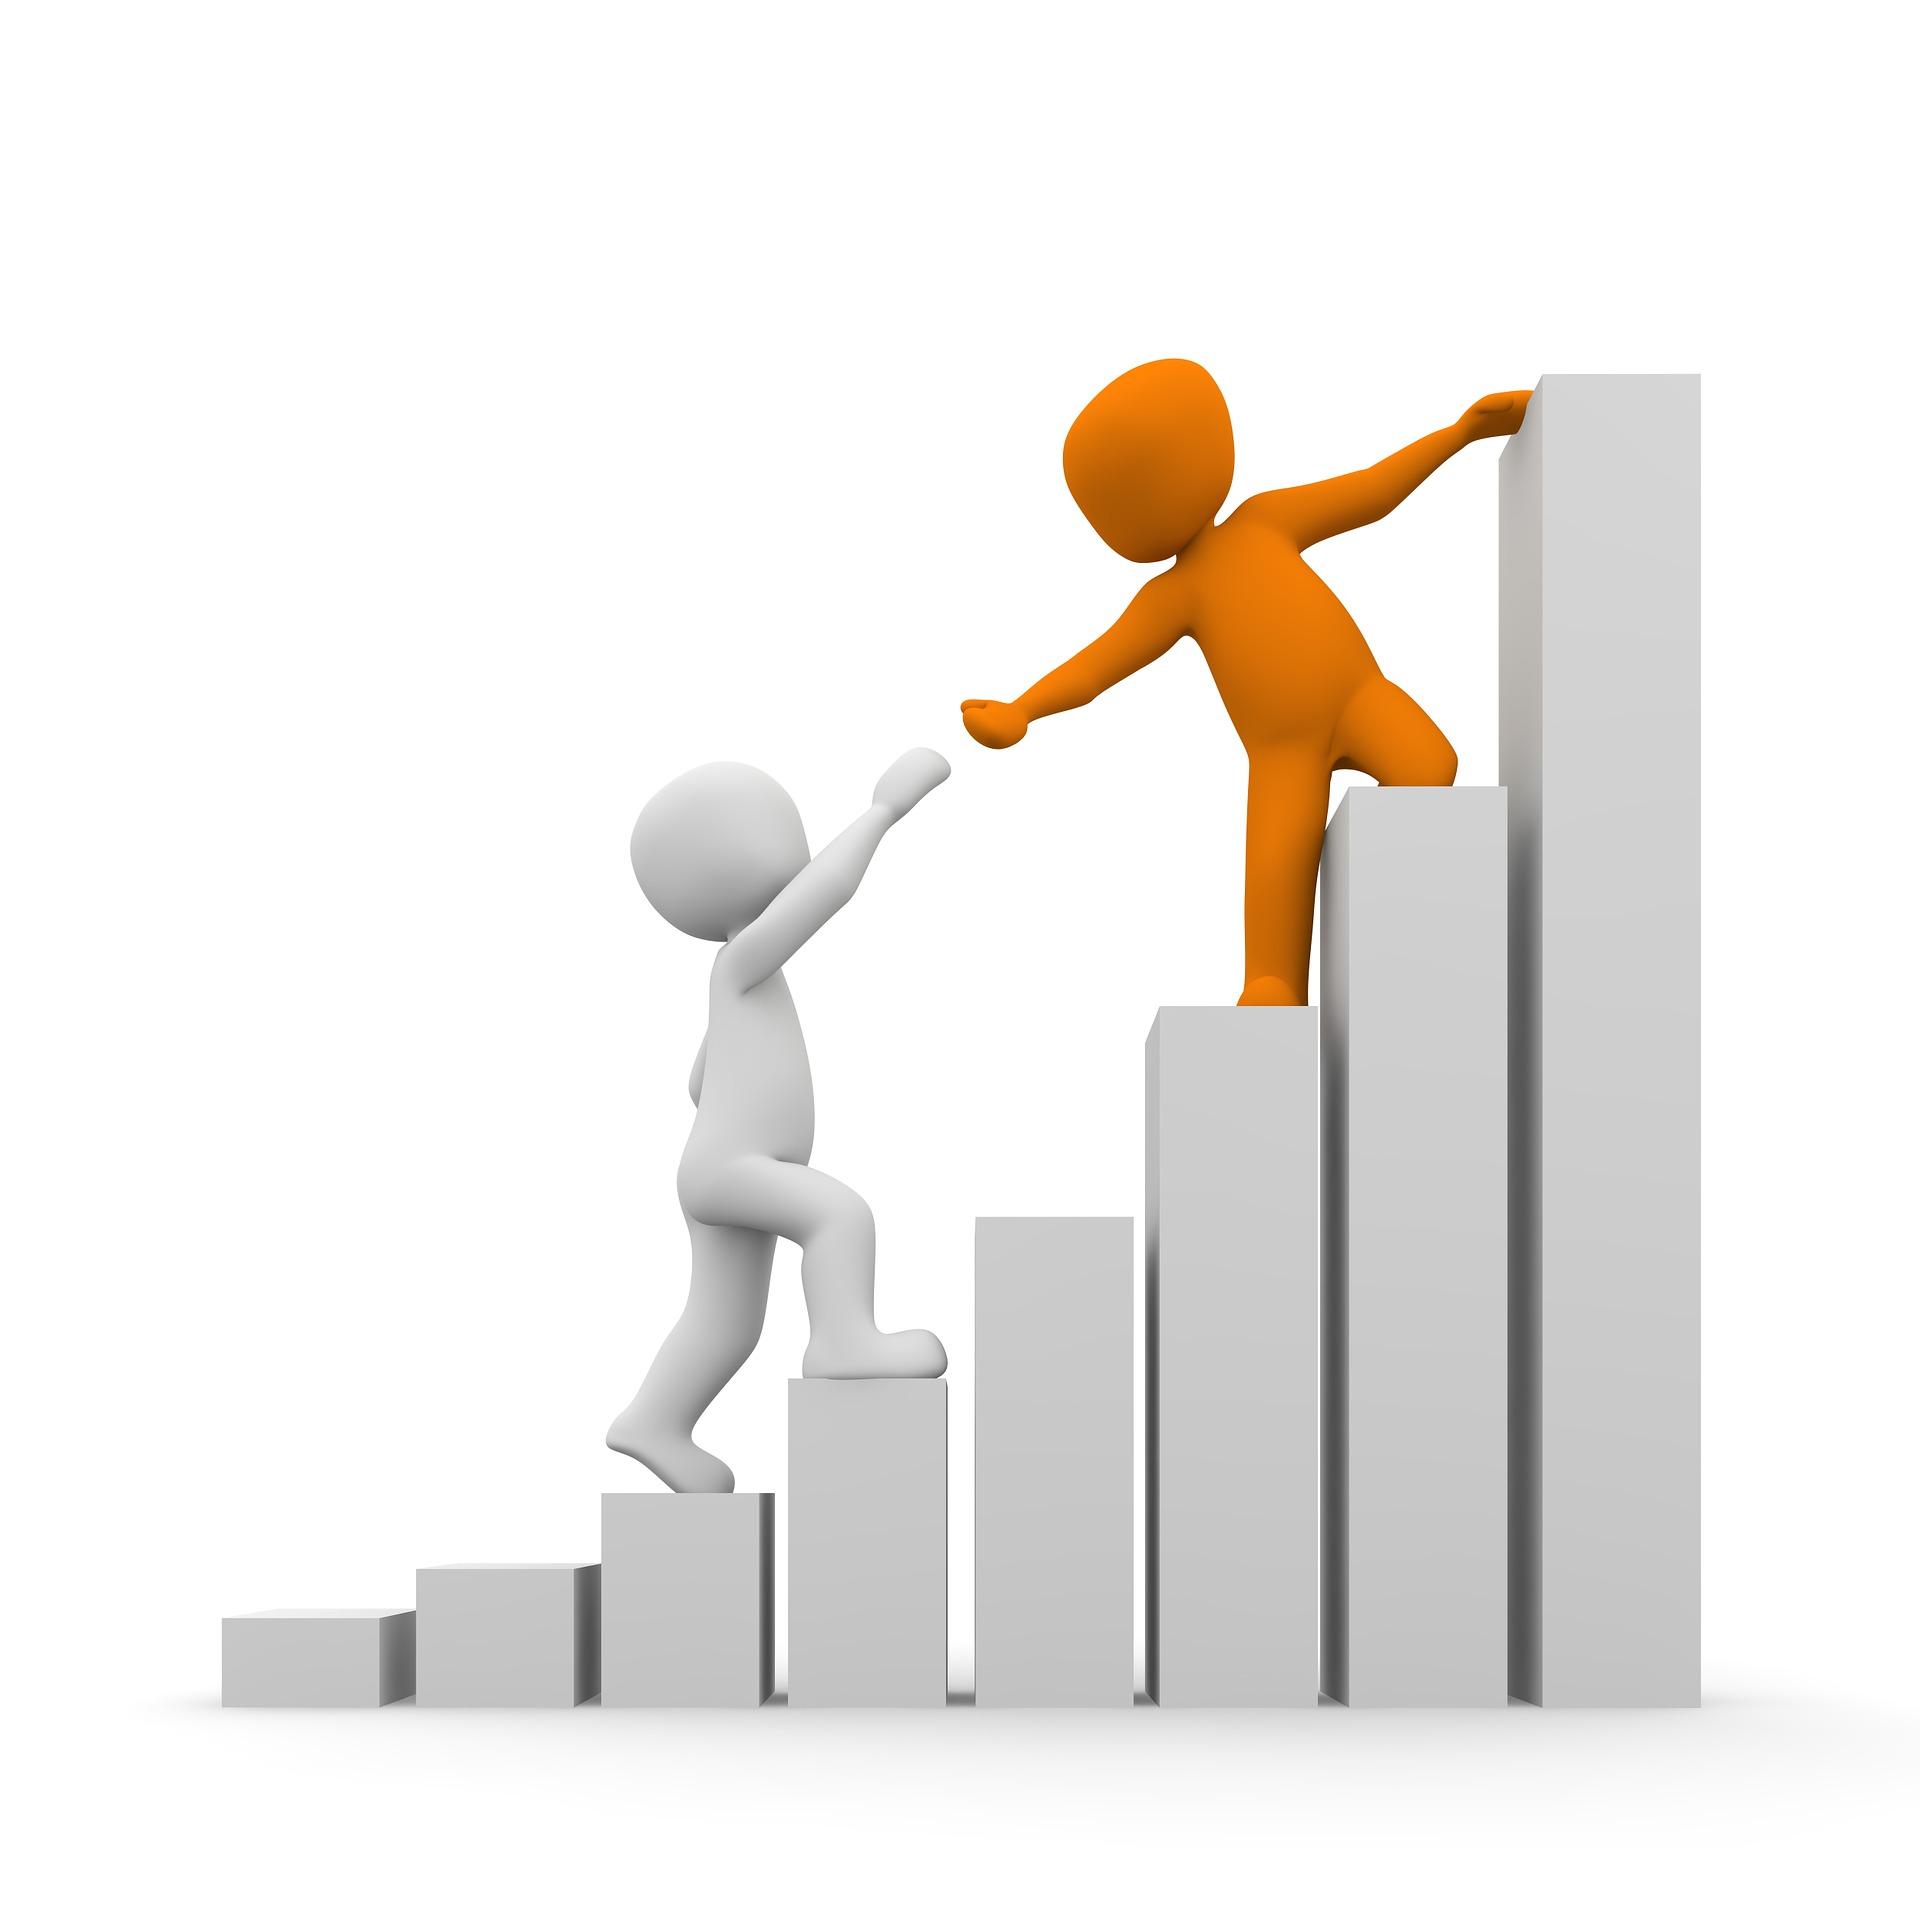 MAと営業が手を取り合うことによって、費用対効果向上に貢献